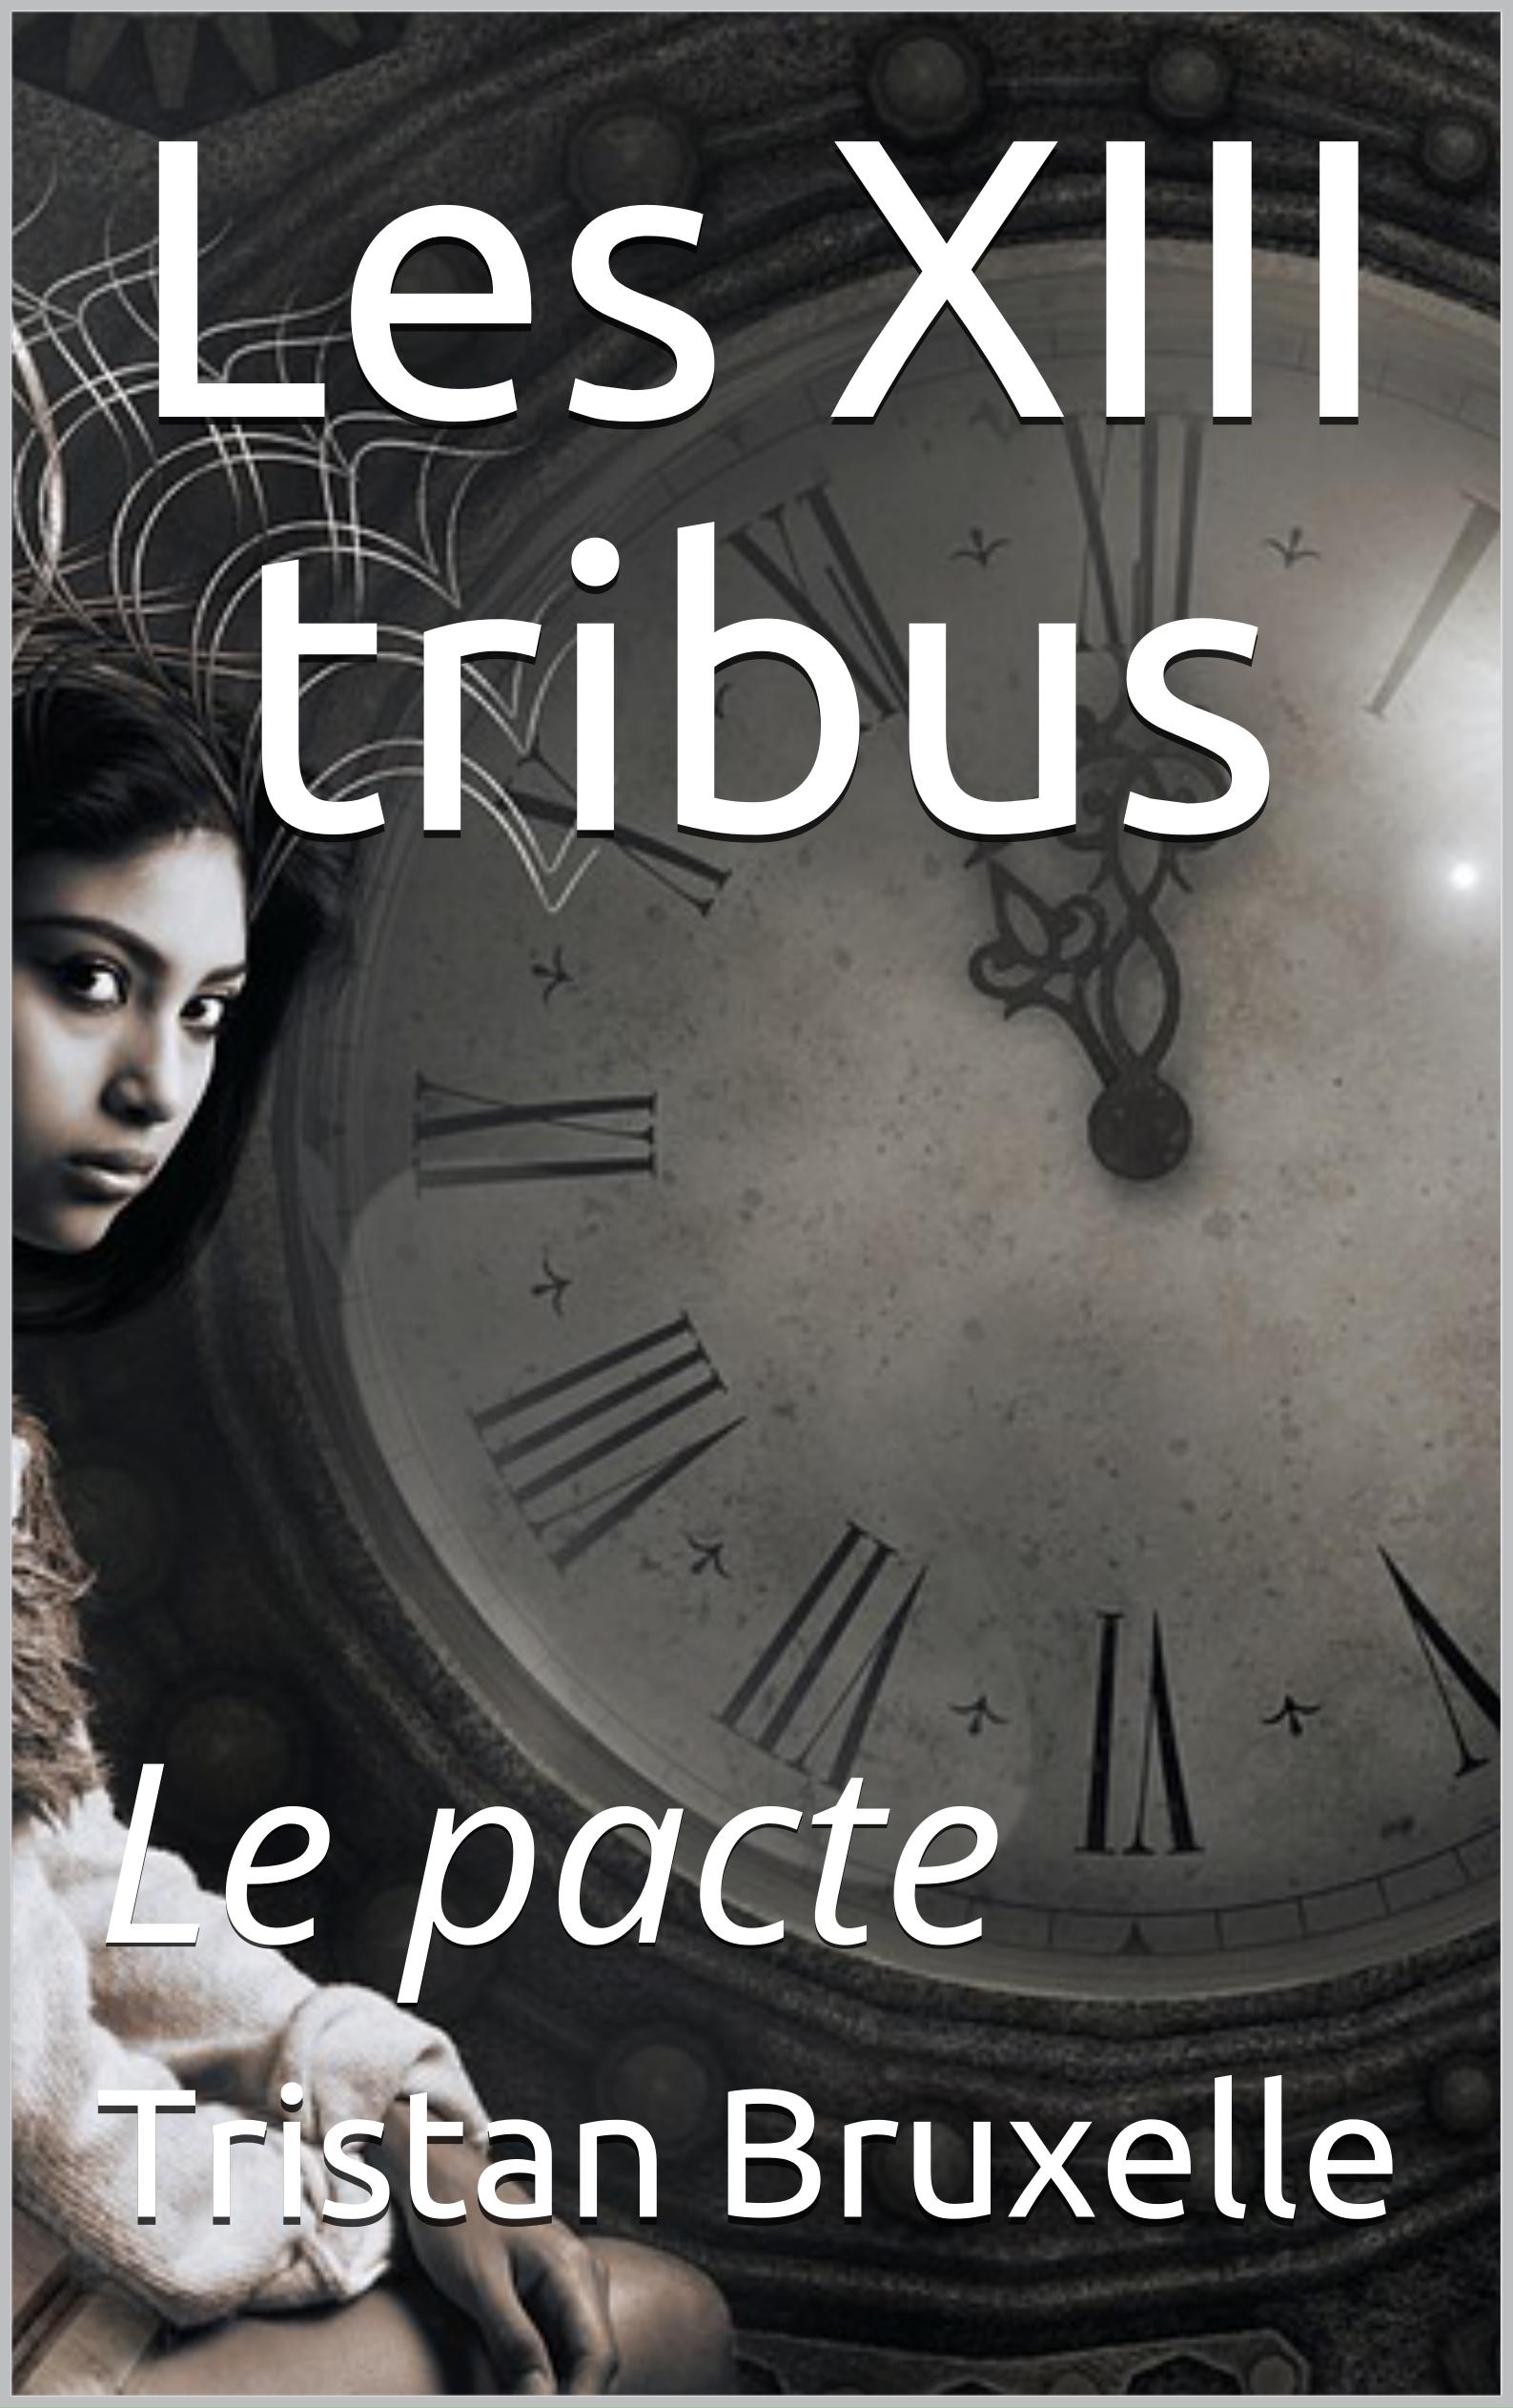 Les treizes tribus